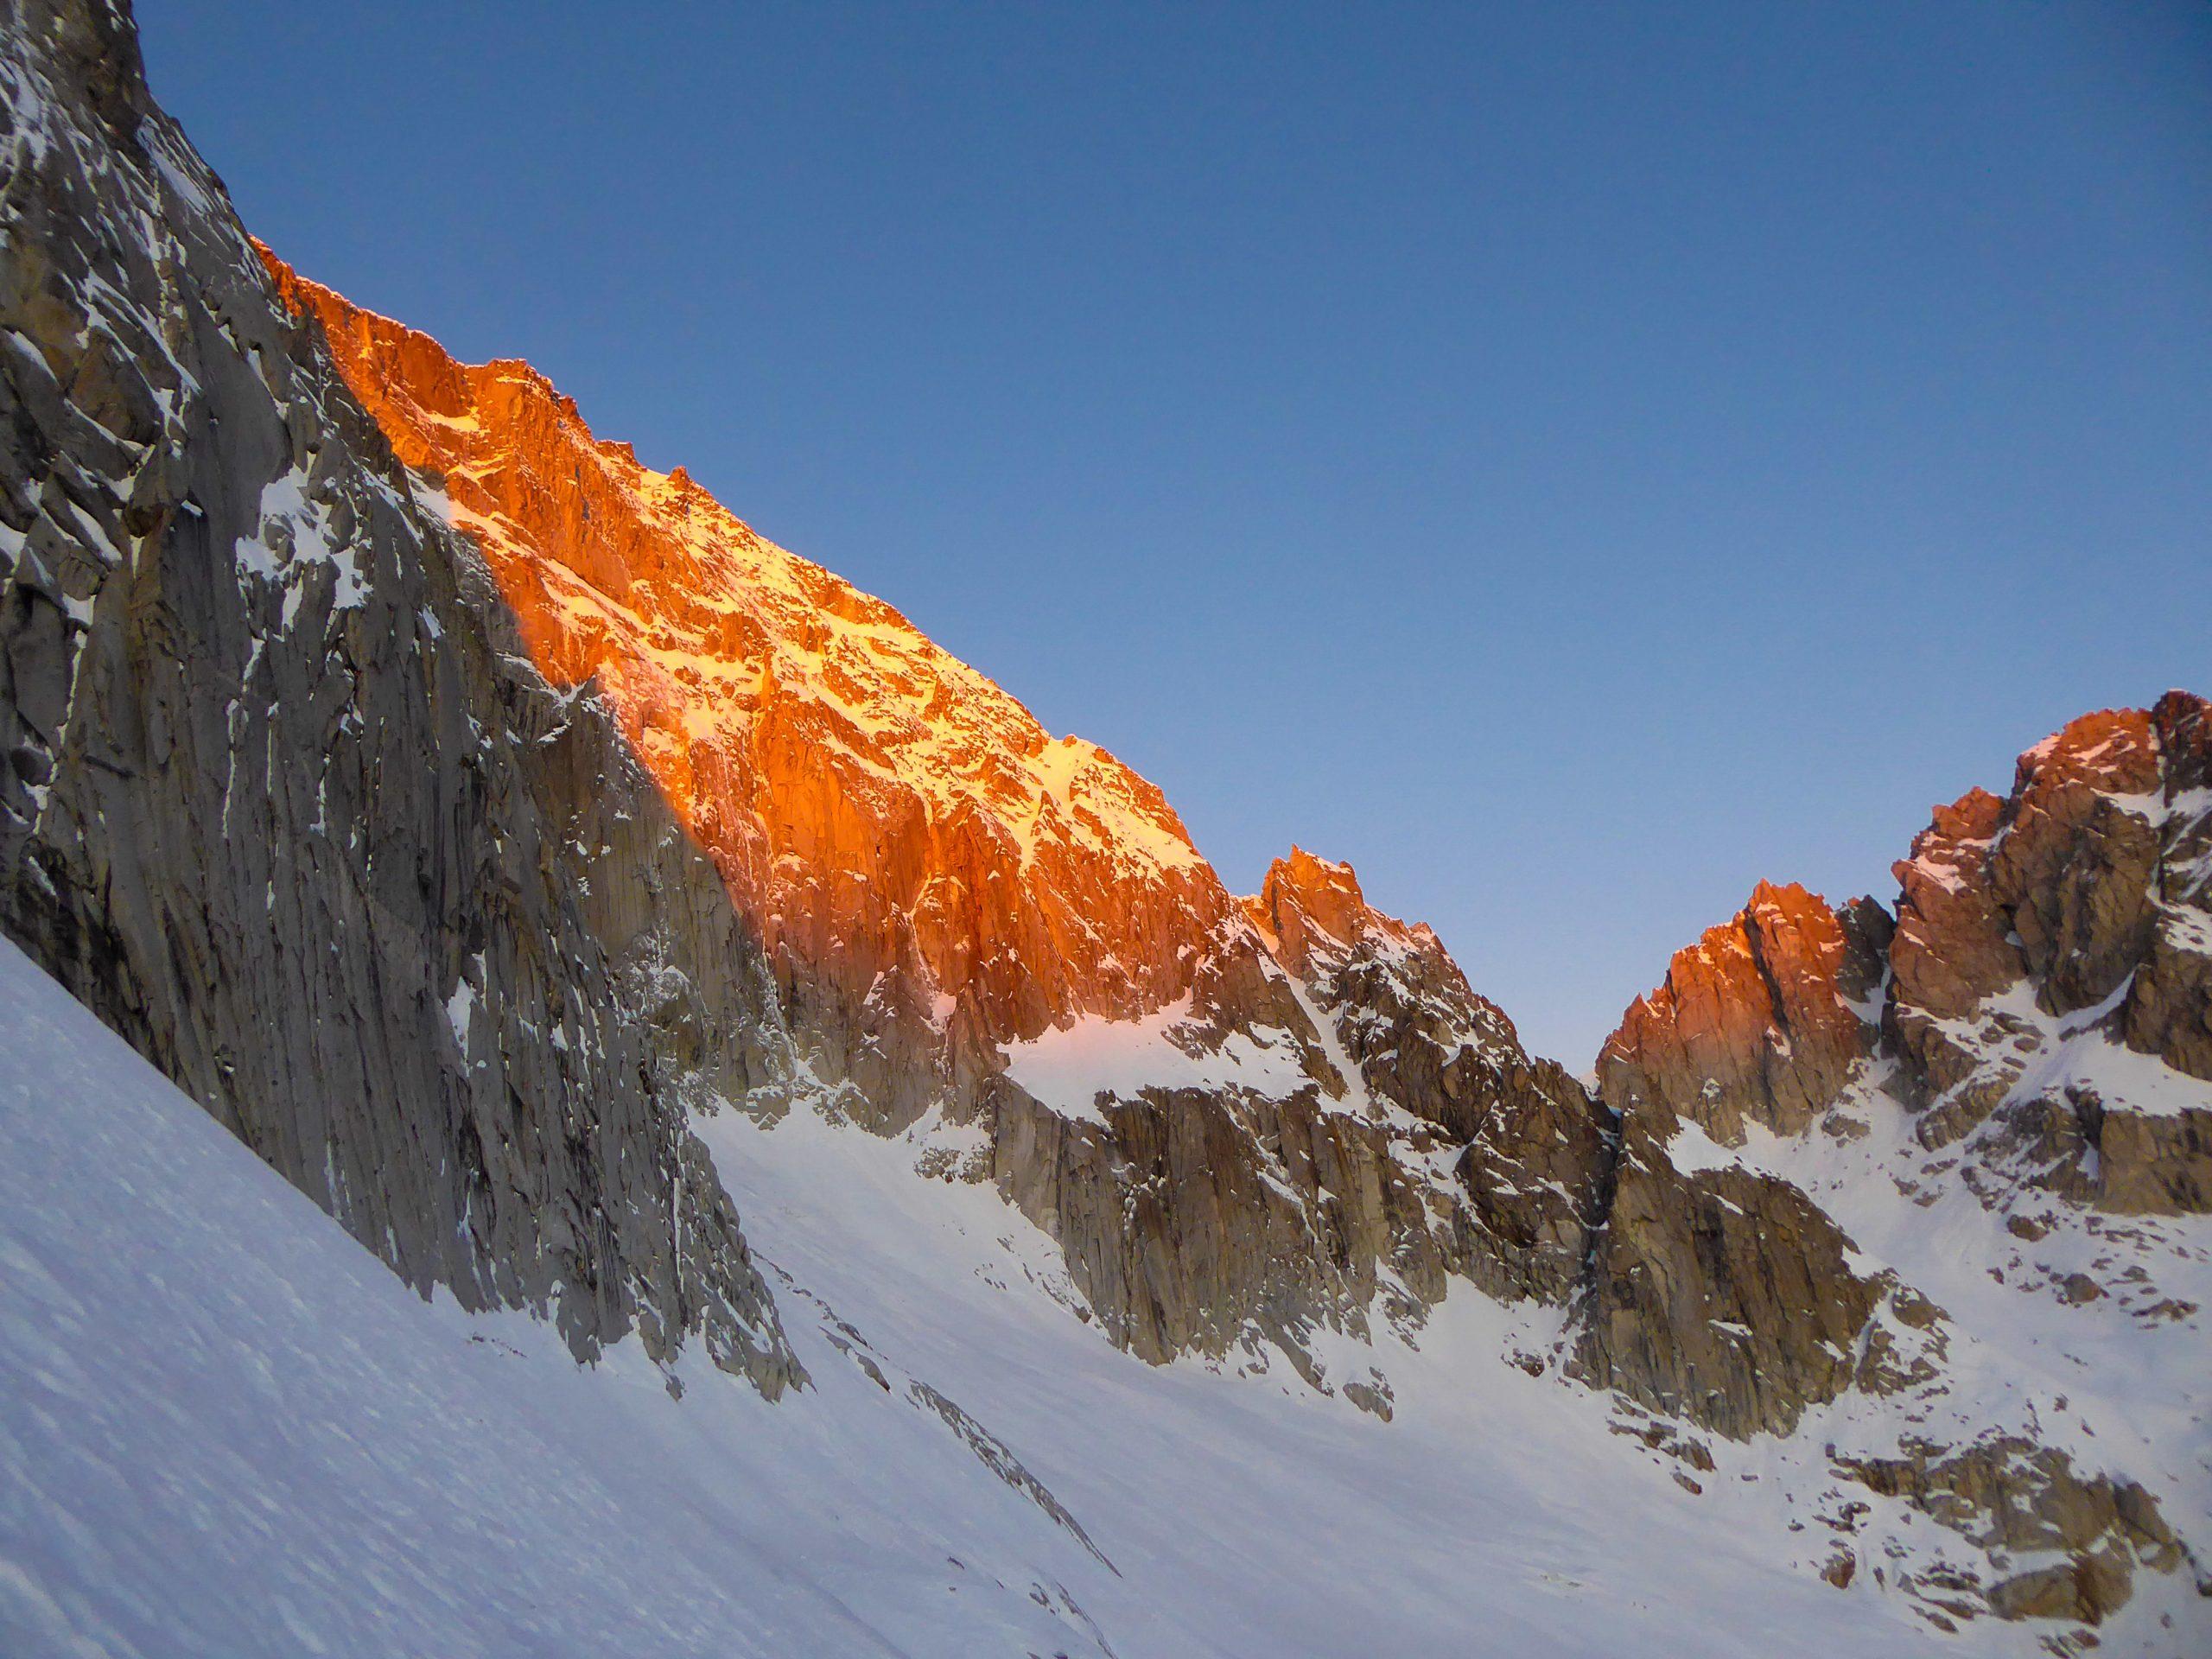 Monte Nero di Presanella – Clean Climb - La selvaggia Parete Est della Presanella baciata dai primi raggi di sole